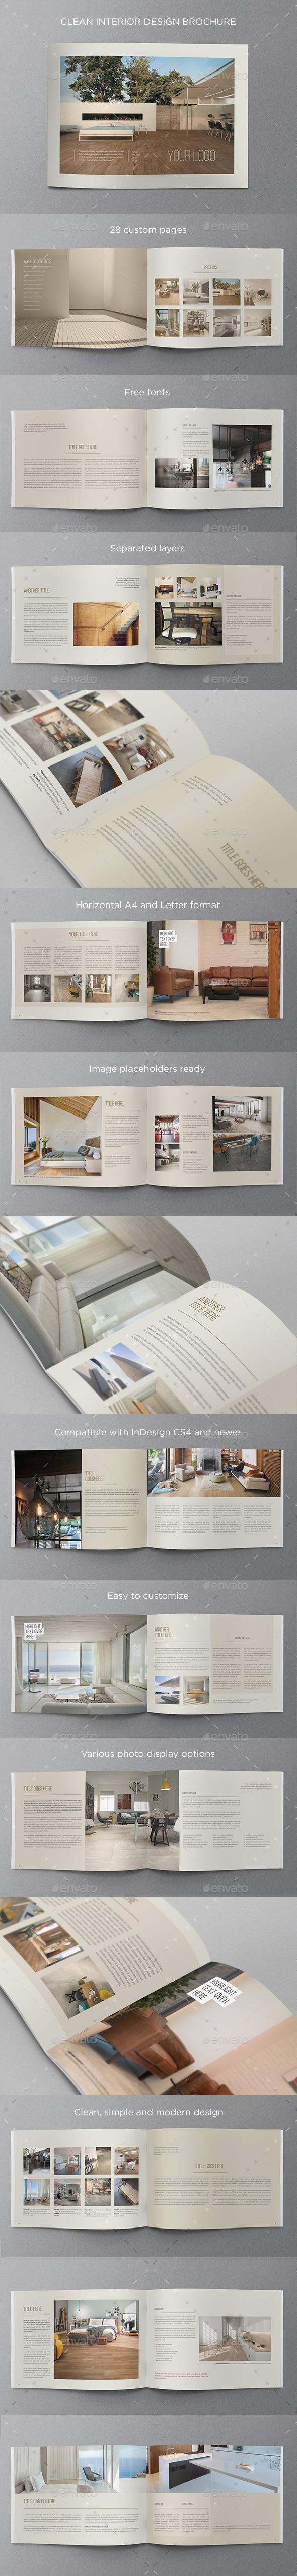 GraphicRiver Clean Interior Design Brochure 11531896